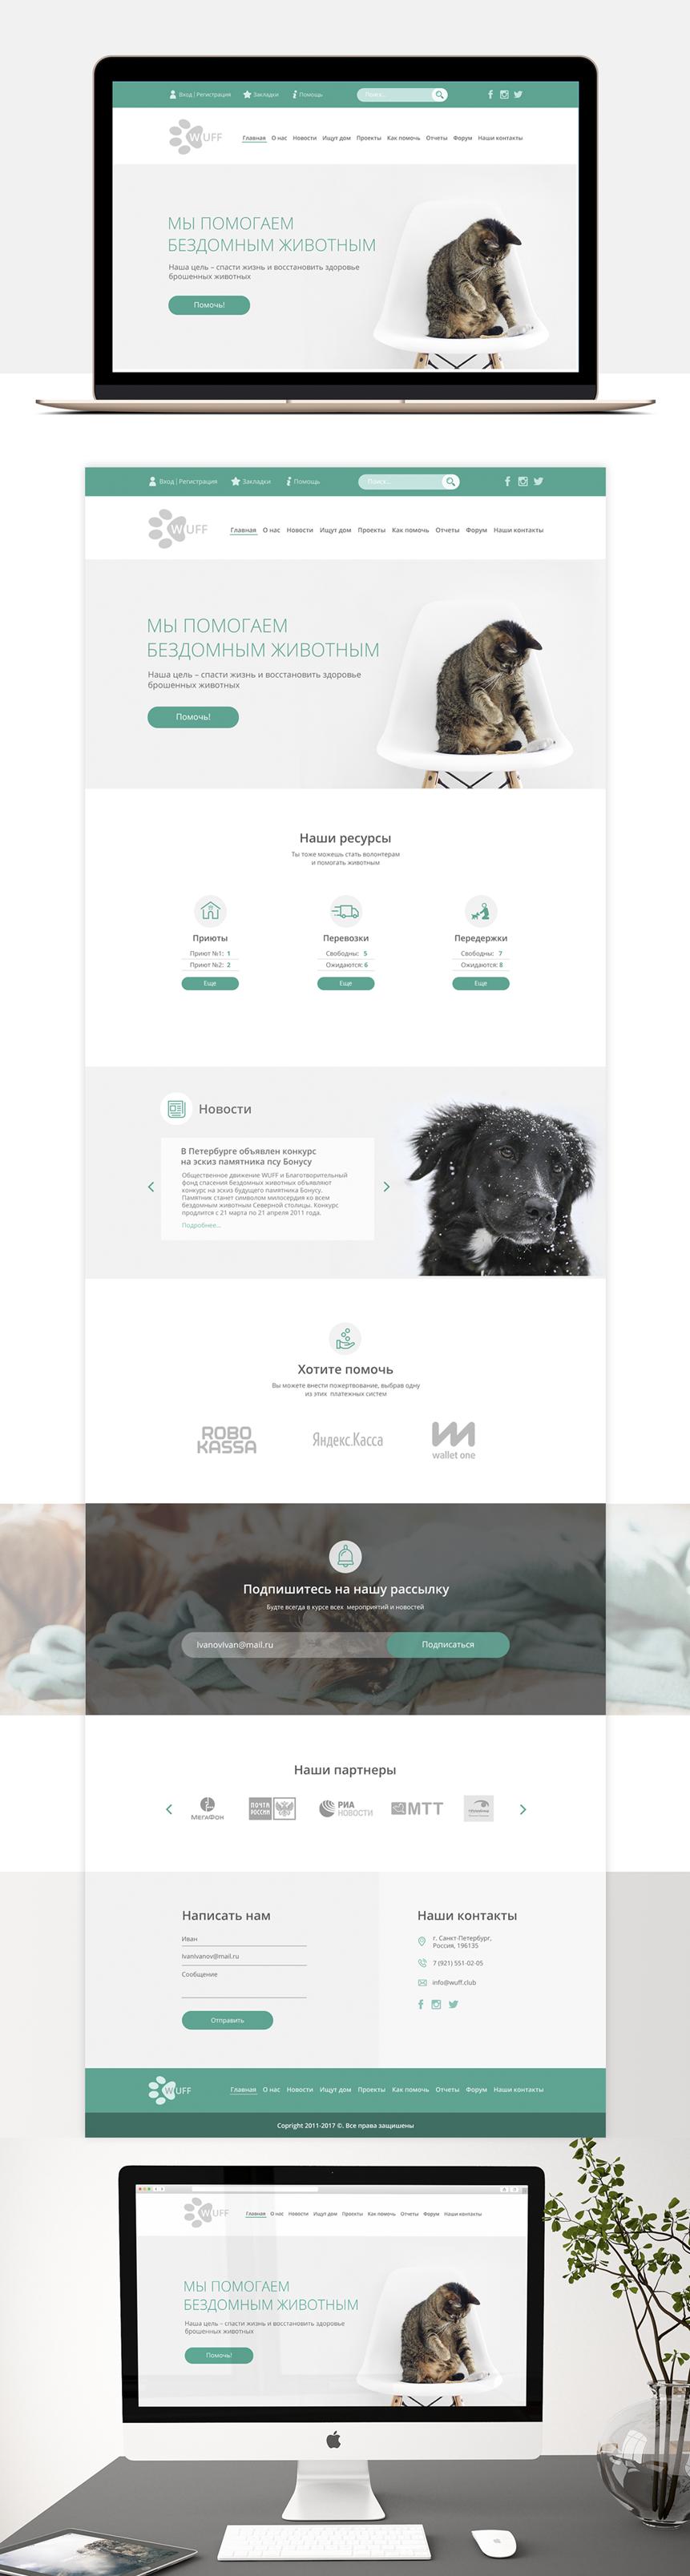 Требуется разработать дизайн сайта помощи бездомным животным фото f_976587c74a2b8ad2.png